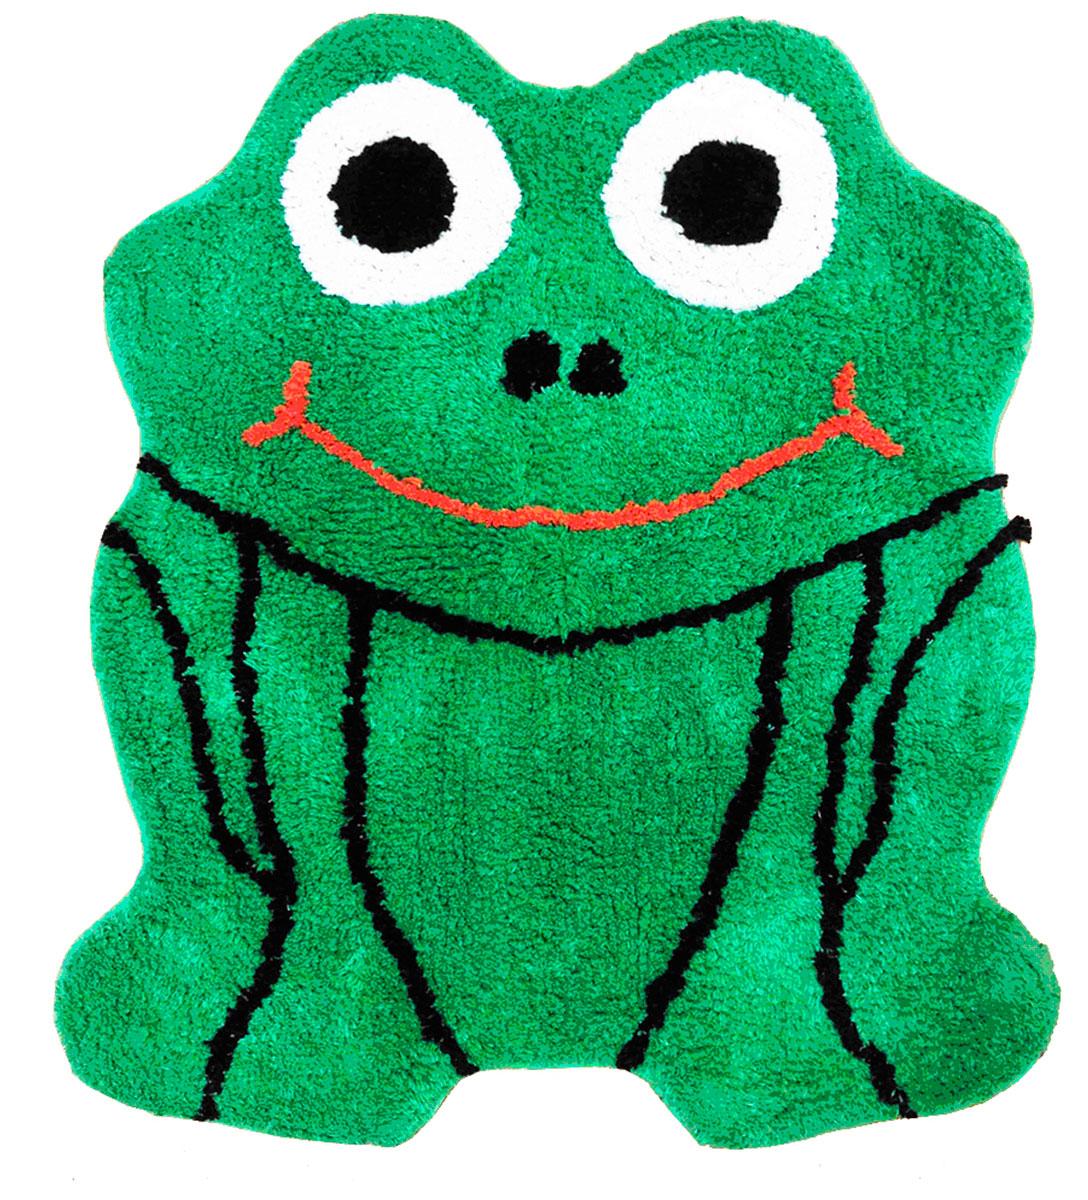 """Коврик """"Arloni"""" имеет оригинальный дизайн в виде лягушки. Он необычайно  мягкий и очень приятный на ощупь. Коврик имеет ворс двух видов - длинный и короткий.  Благодаря своему составу из 100% хлопка, он обладает гипоаллергенными  свойствами, экологичен и очень удобен в использовании и в уходе.  Коврик  долго прослужит в  вашем доме, добавляя тепло и уют, а также внесет неповторимый колорит в  интерьер любой комнаты."""